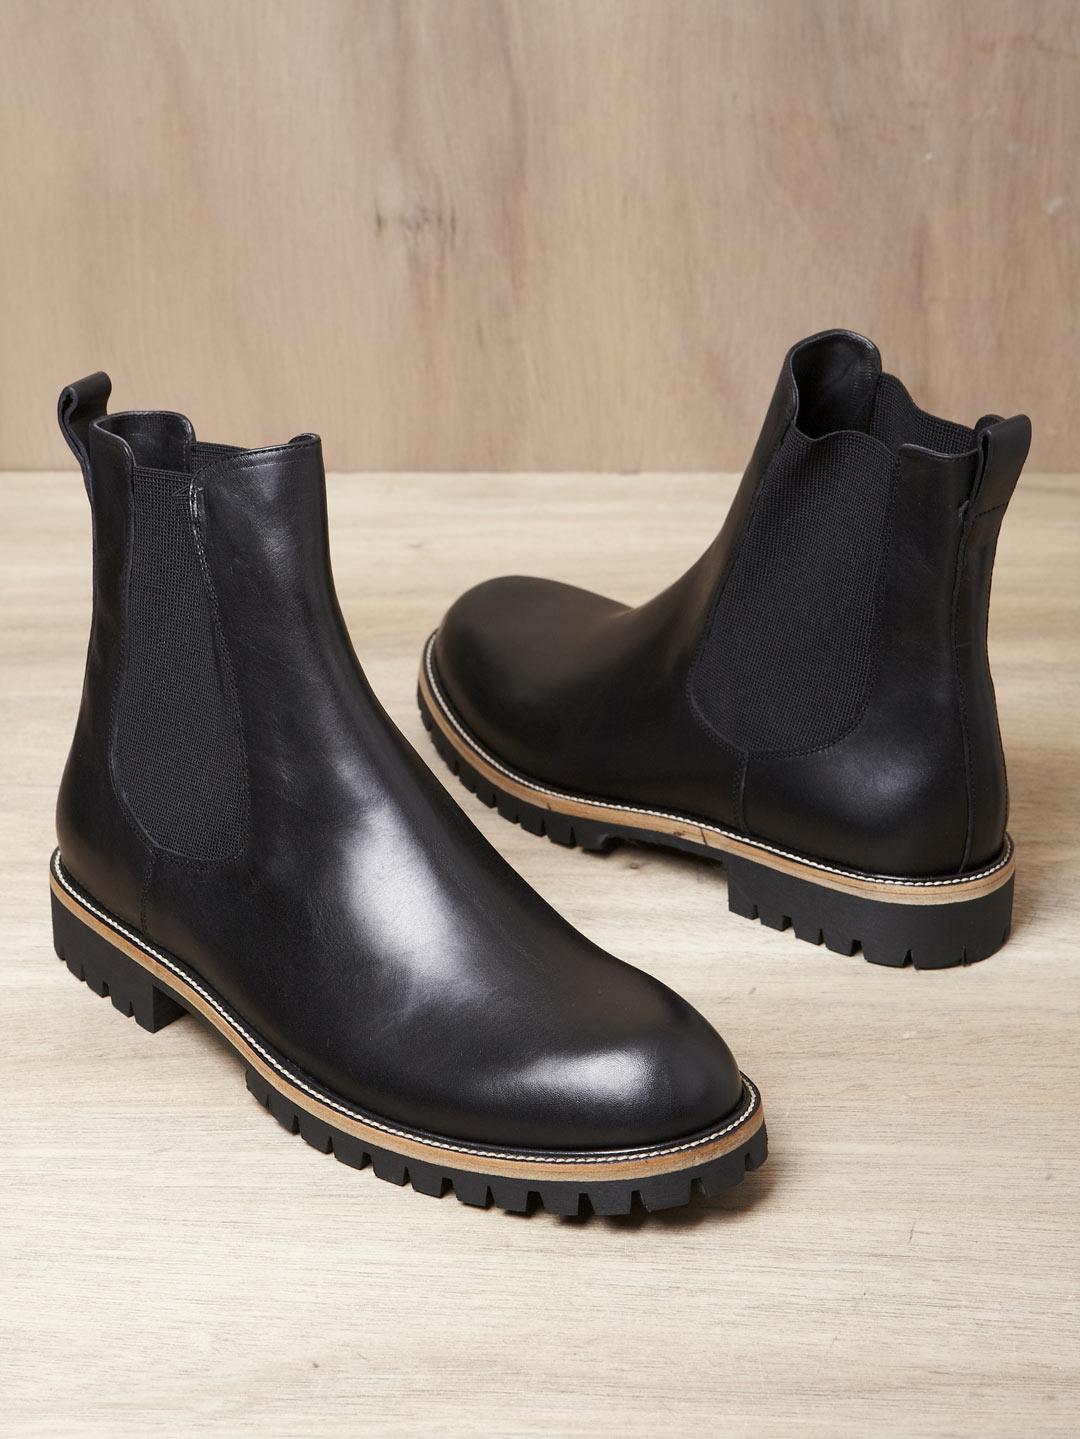 68a291c4f7 Dries Van Noten Dries Van Noten Mens Chelsea Boots in Black for Men ...